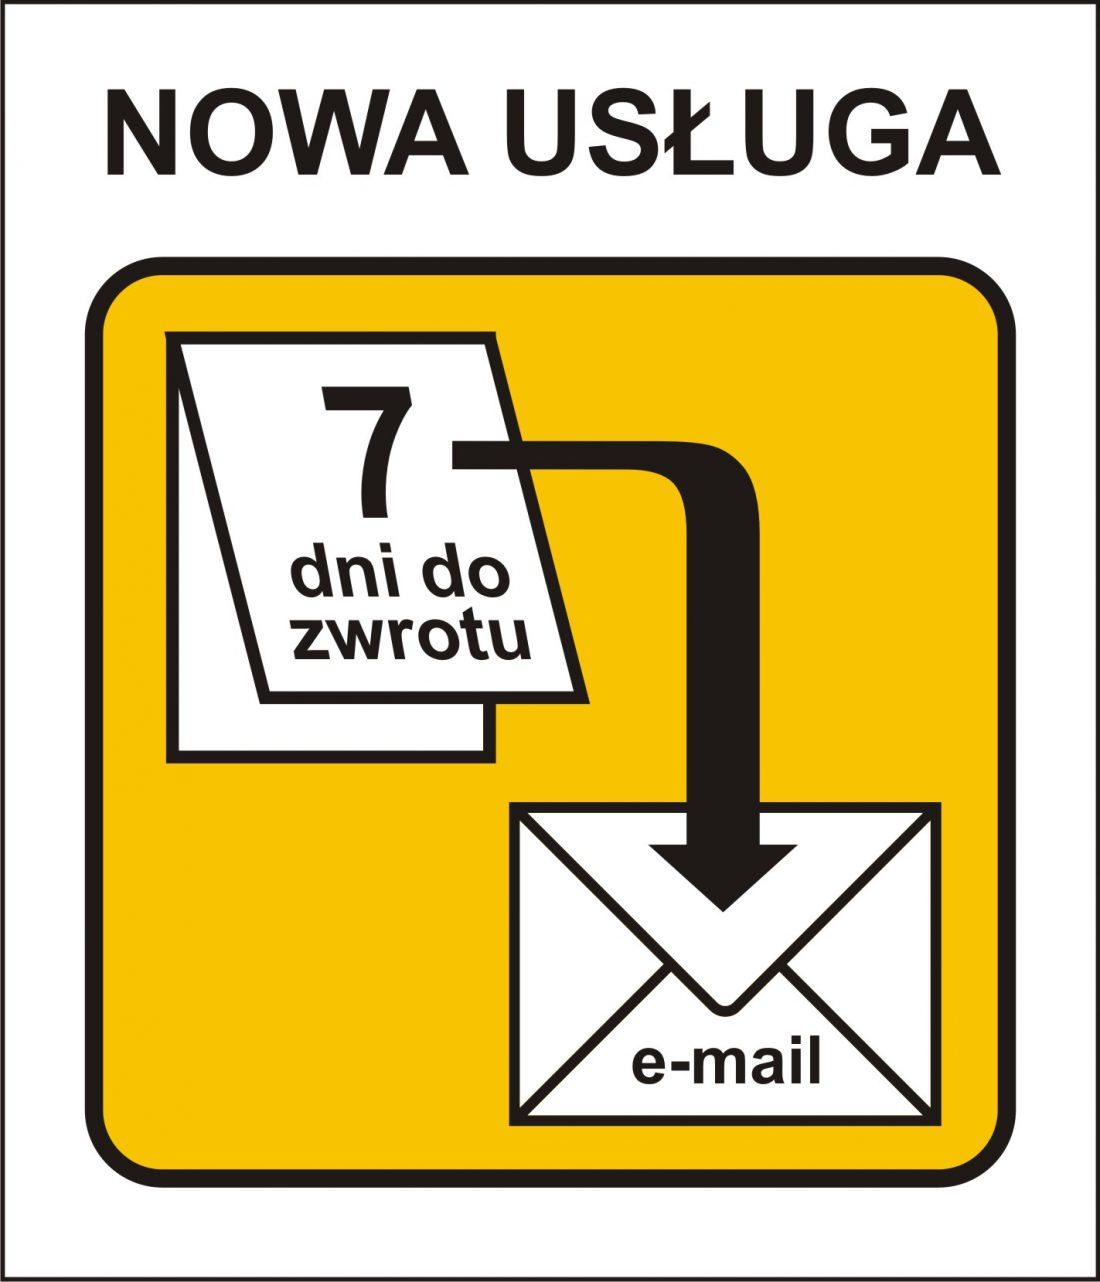 grafika o powiadamianiu mailowym